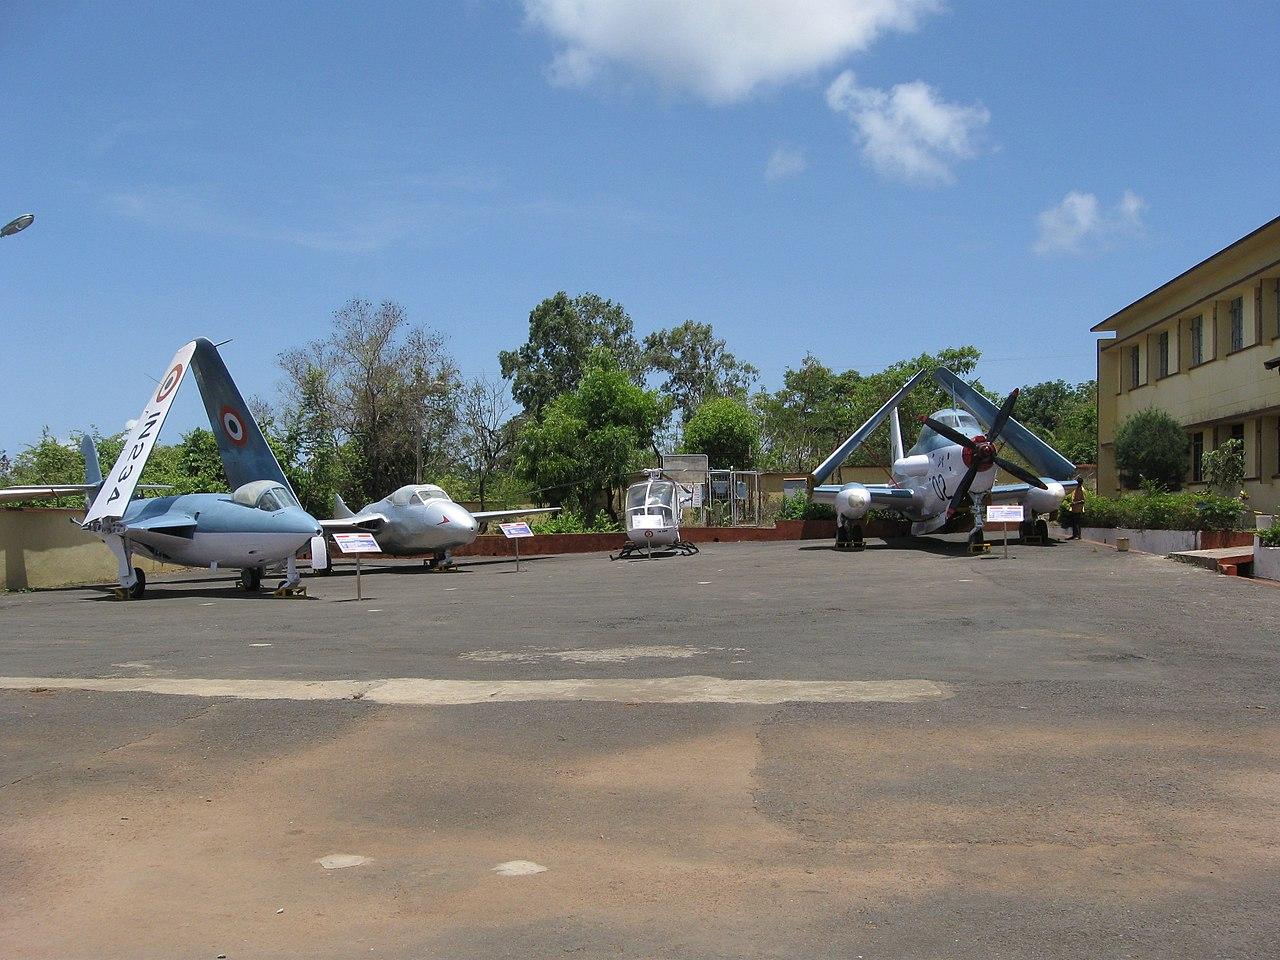 Amazing Goa Museum-Naval Aviation Museum